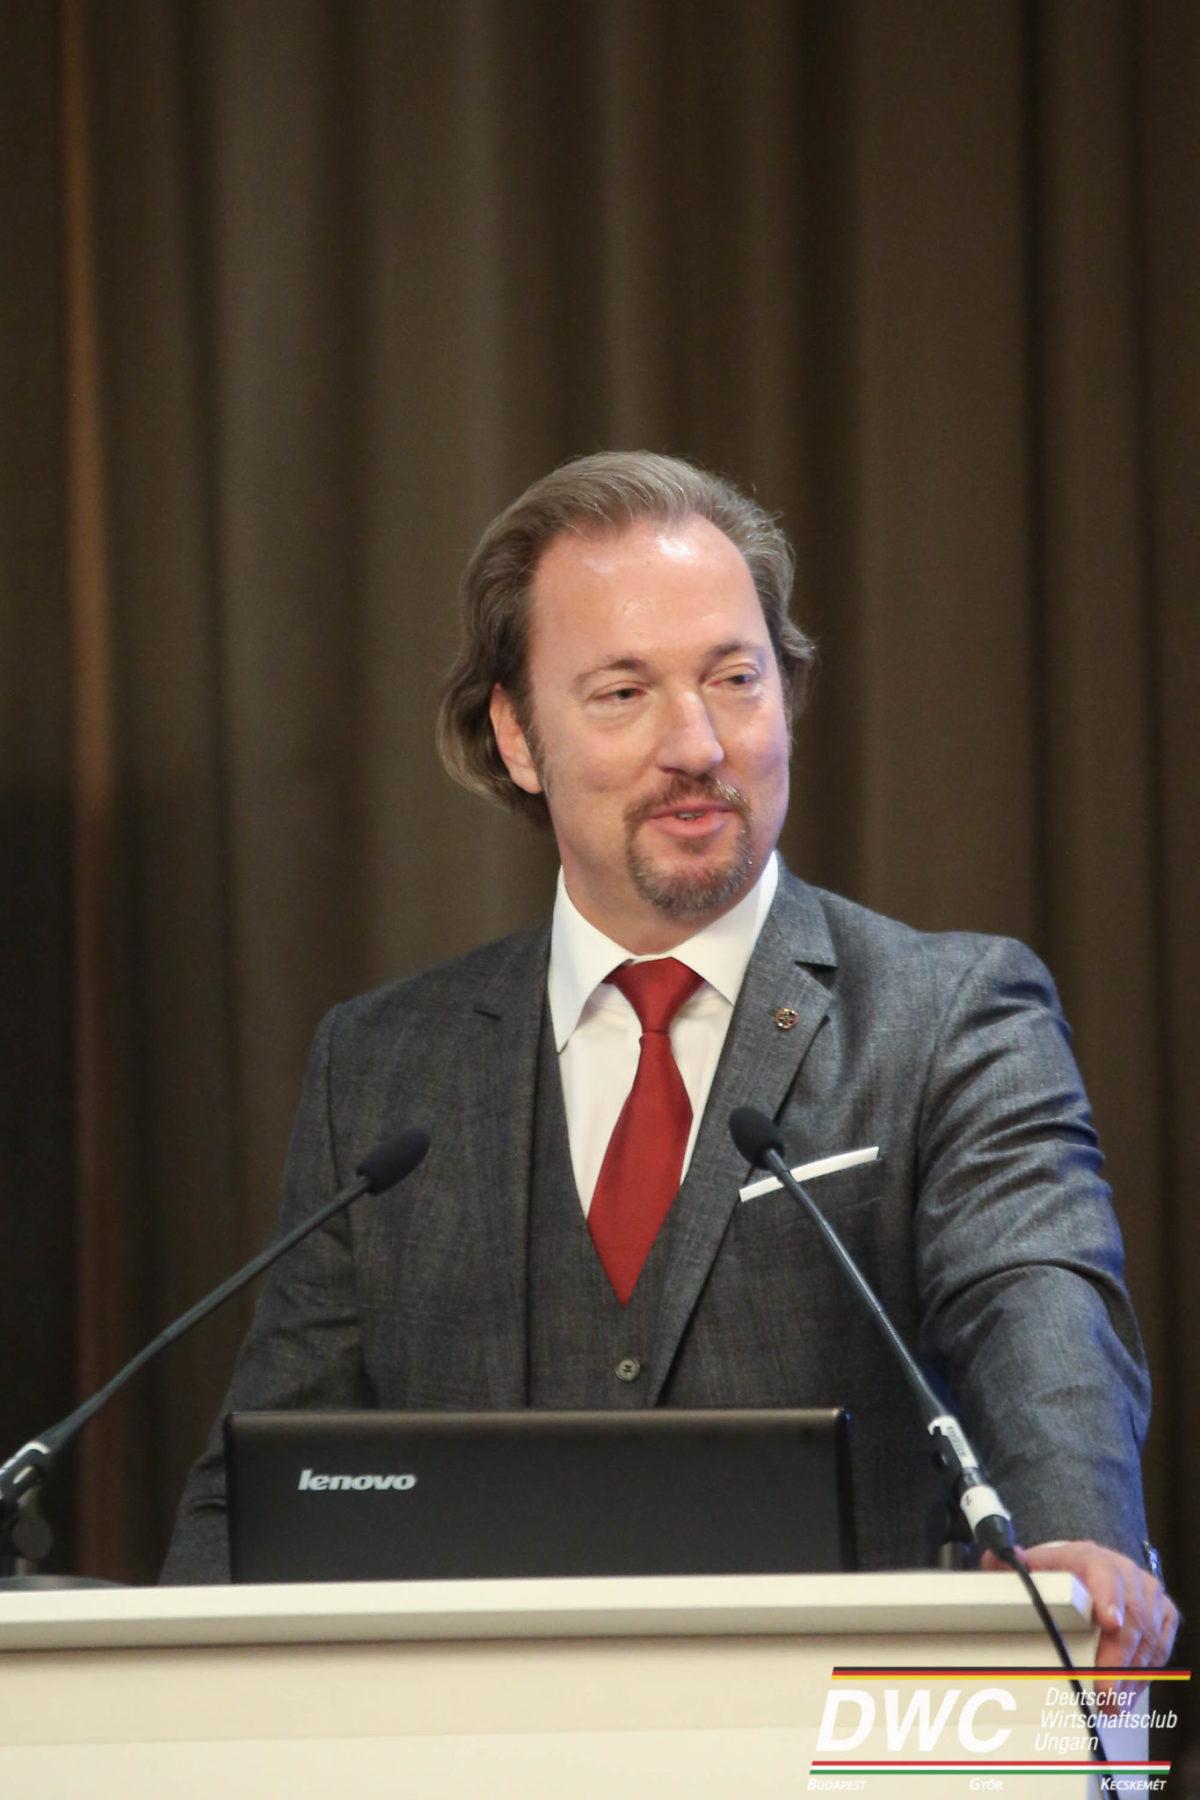 Vortrag von Georg Spöttle